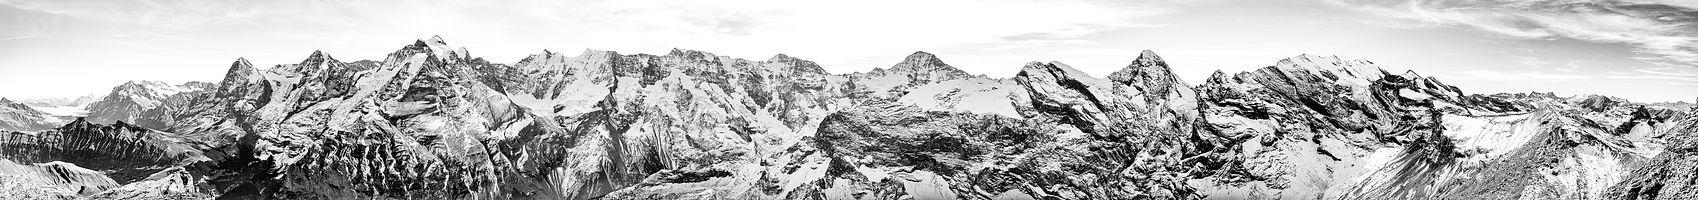 jp035_panoramablick_jungfrau_gebirgszug_